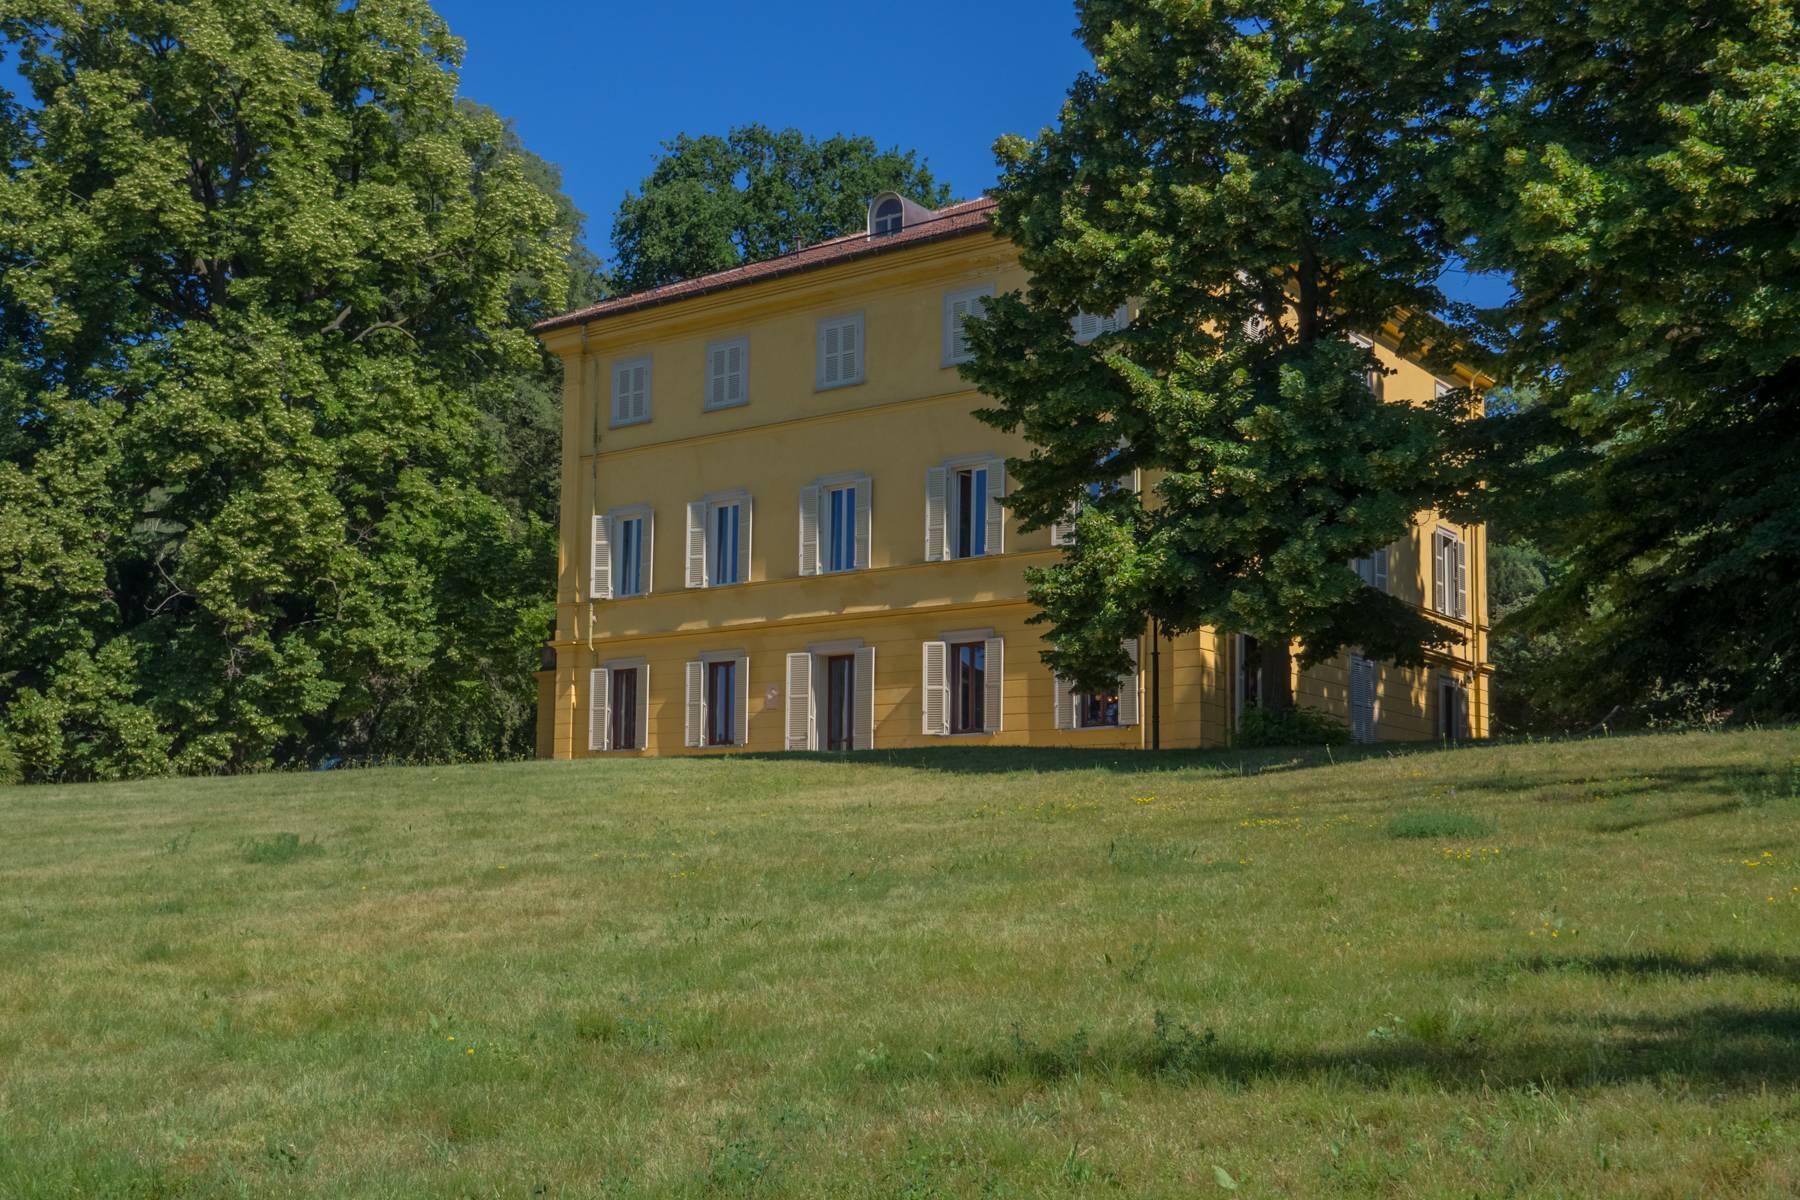 Elegante Historische Villa mitten im Grünen - 1